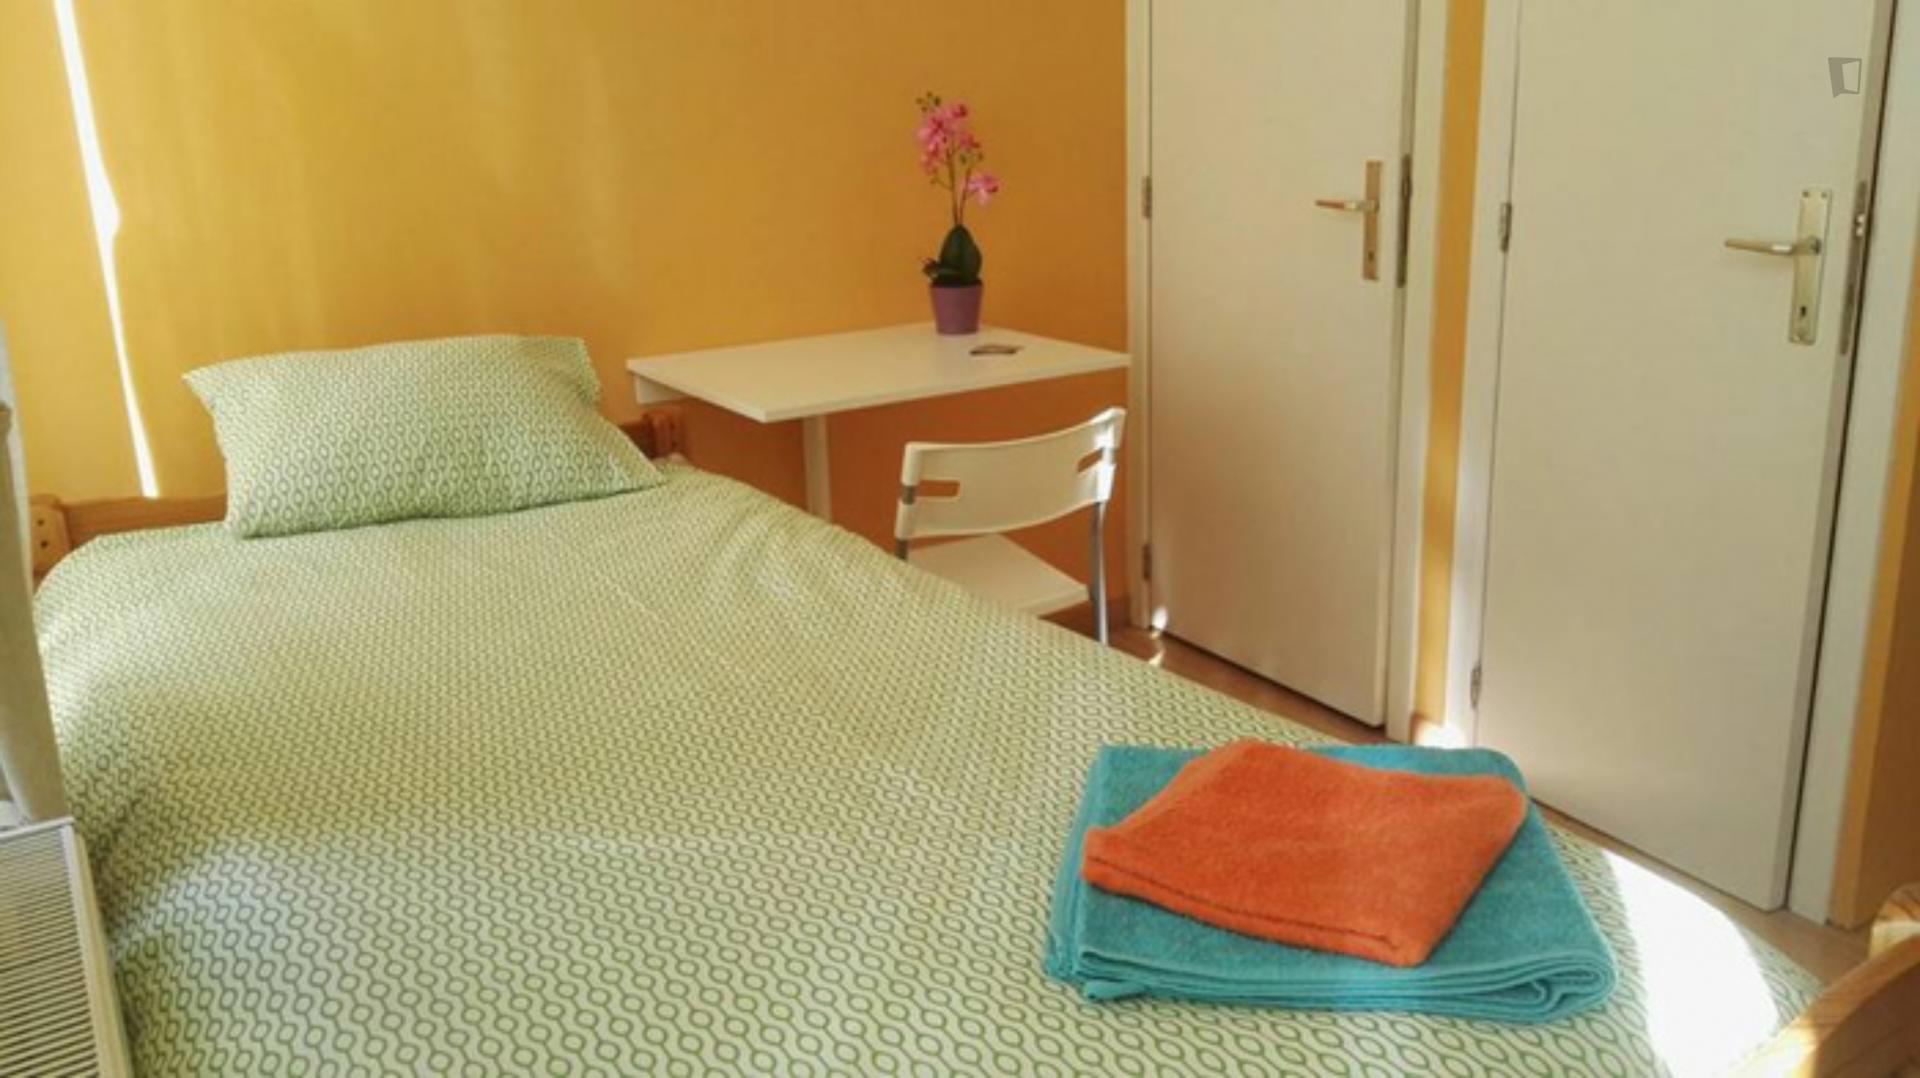 Wilson - Cozy studio Apartment in Belgium